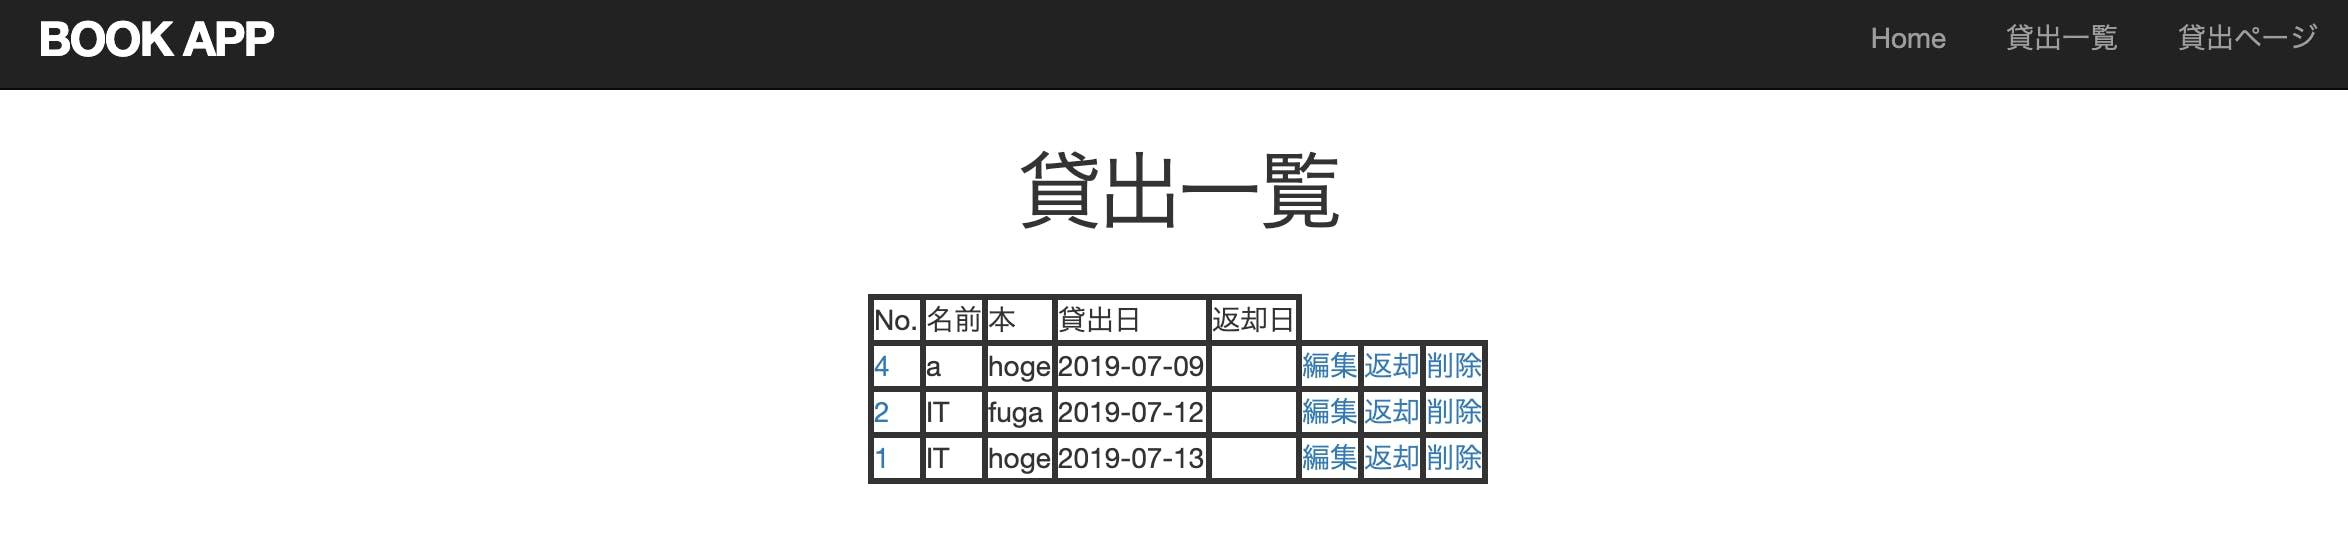 スクリーンショット 2019-07-13 17.02.22.png